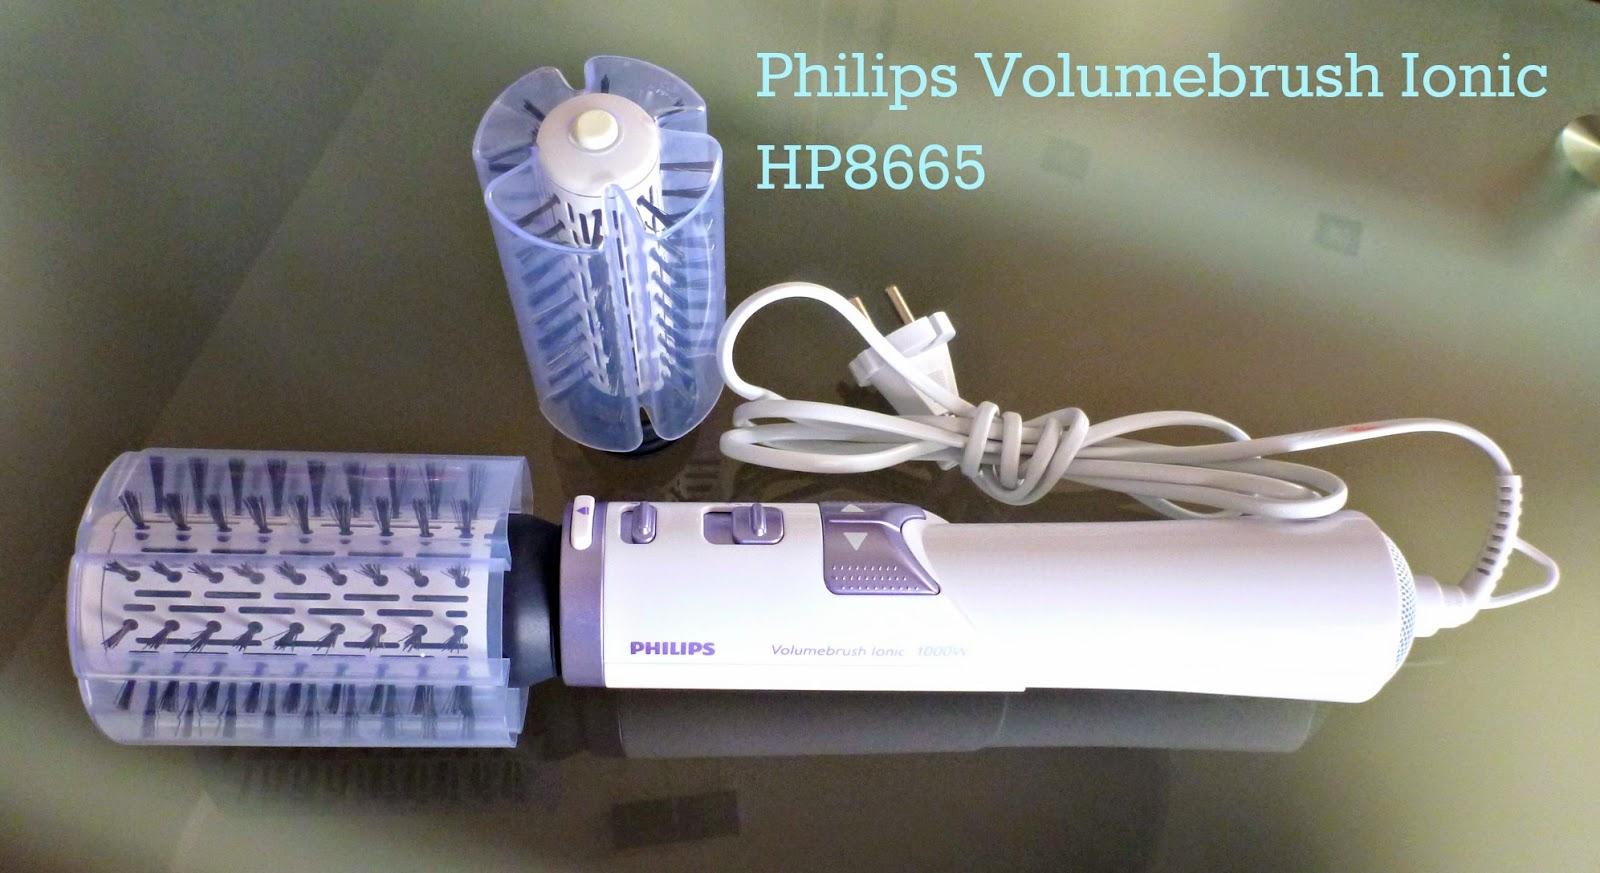 Porozmawiajmy o sprzęcie, czyli lokówko-suszarka Philips Volumebrush Ionic